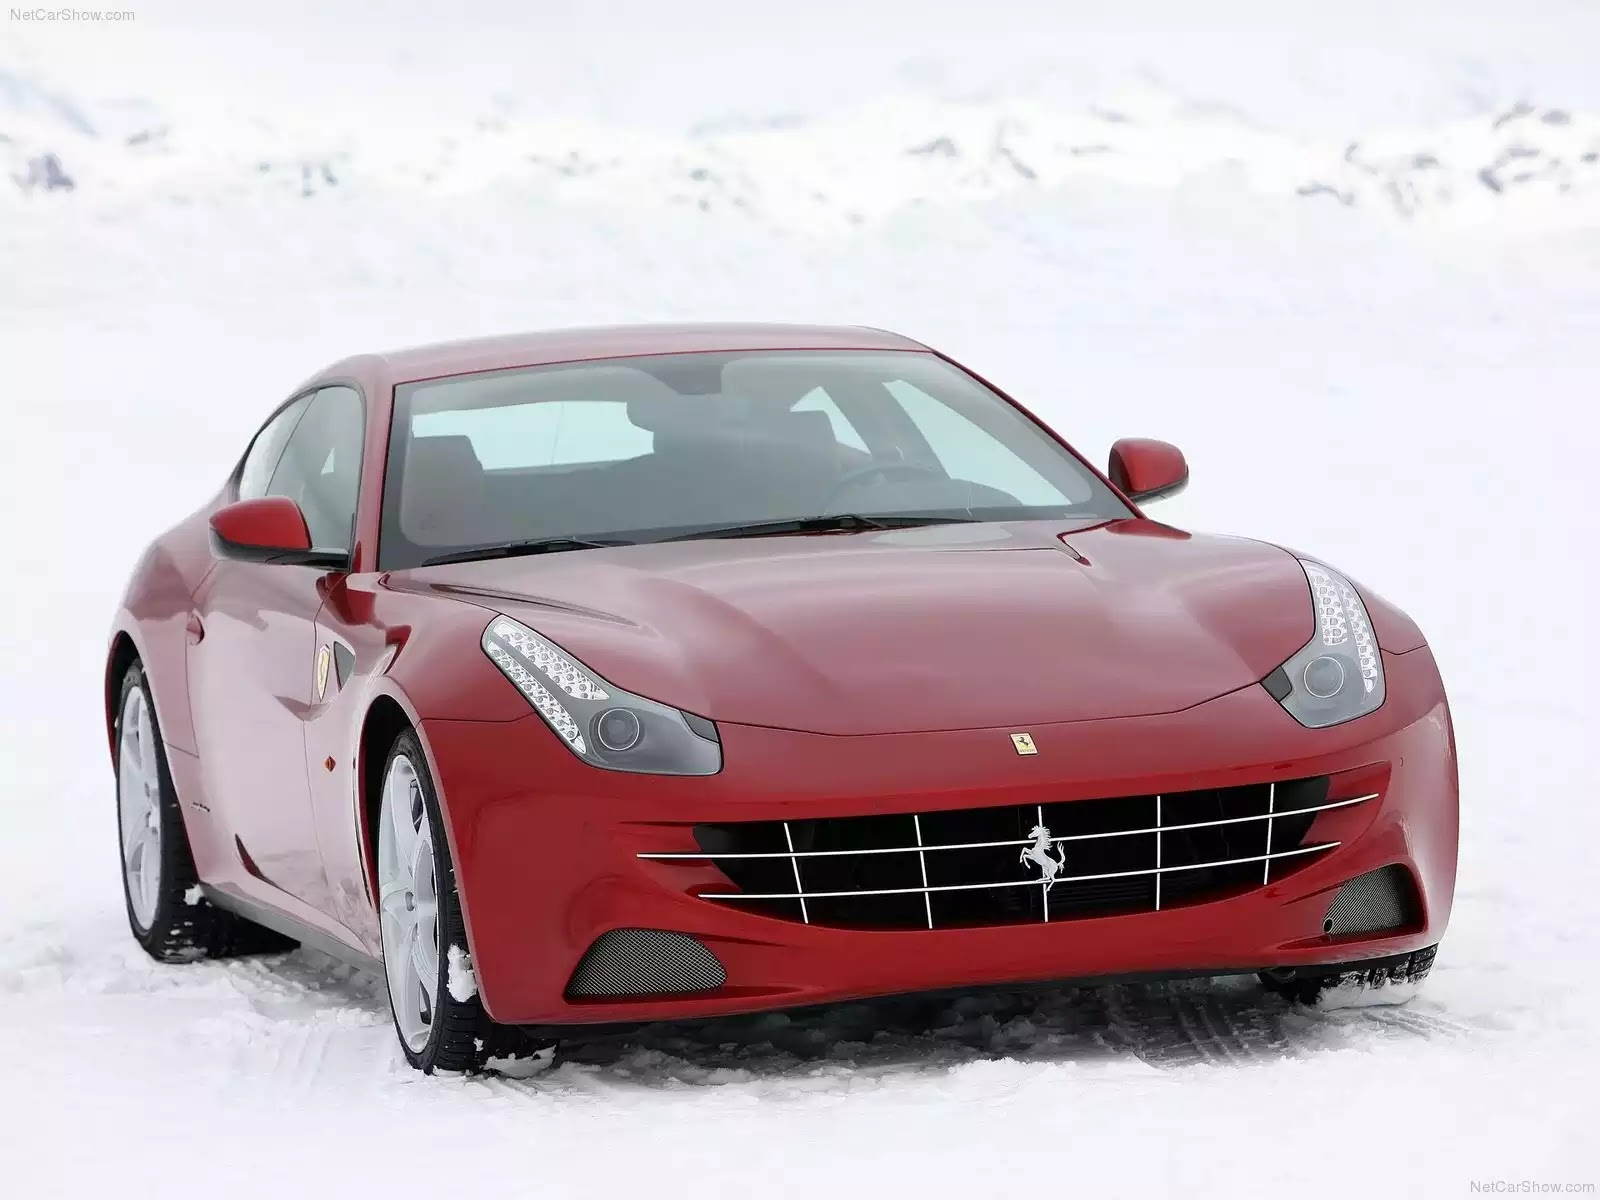 Hình ảnh siêu xe Ferrari FF 2012 & nội ngoại thất